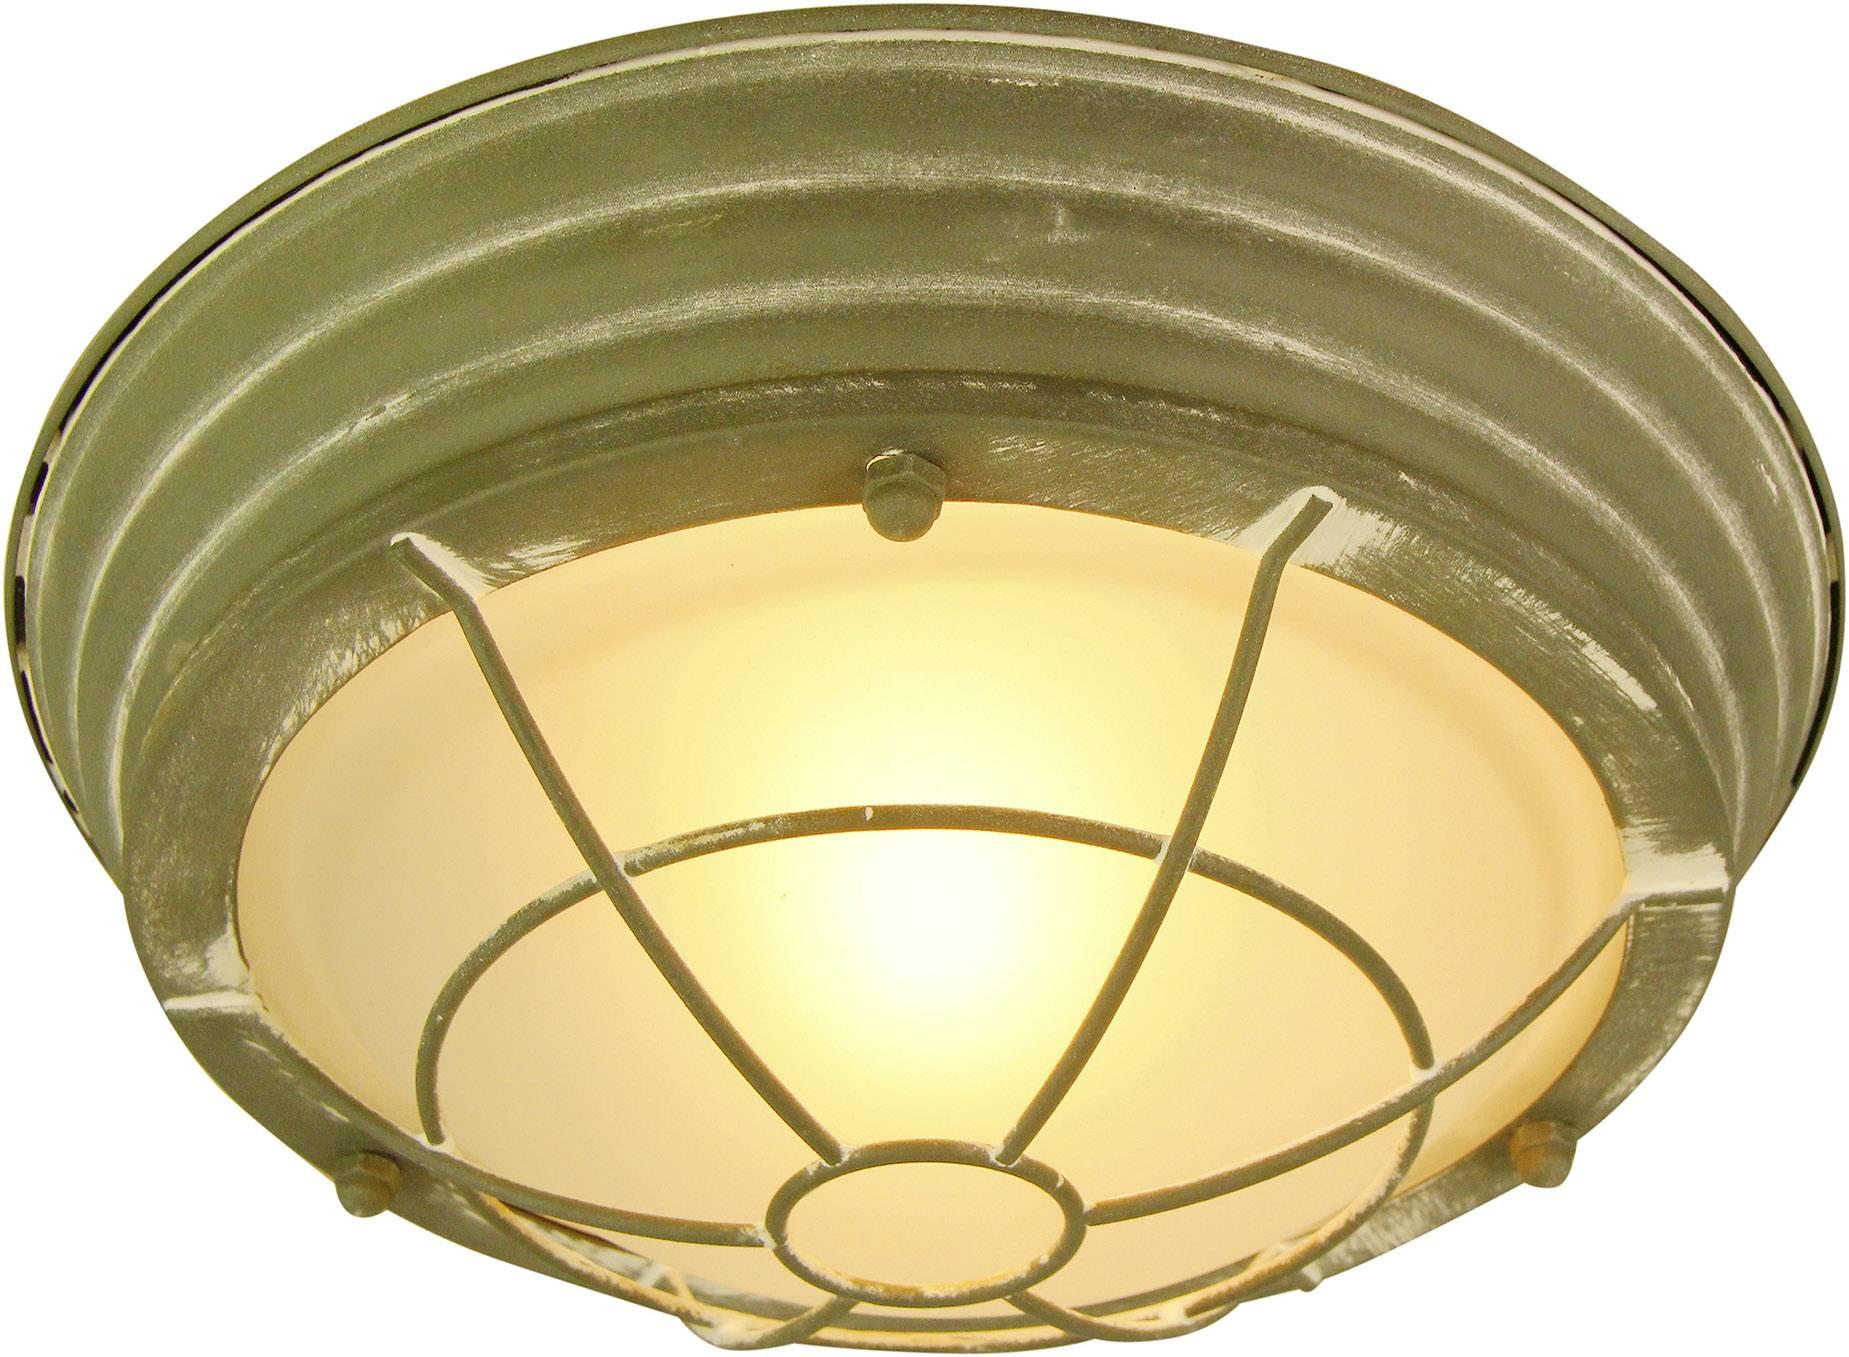 Plafoniera Soffitto E27 : Plafoniera led e classe energetica dipende dalla lampadina a